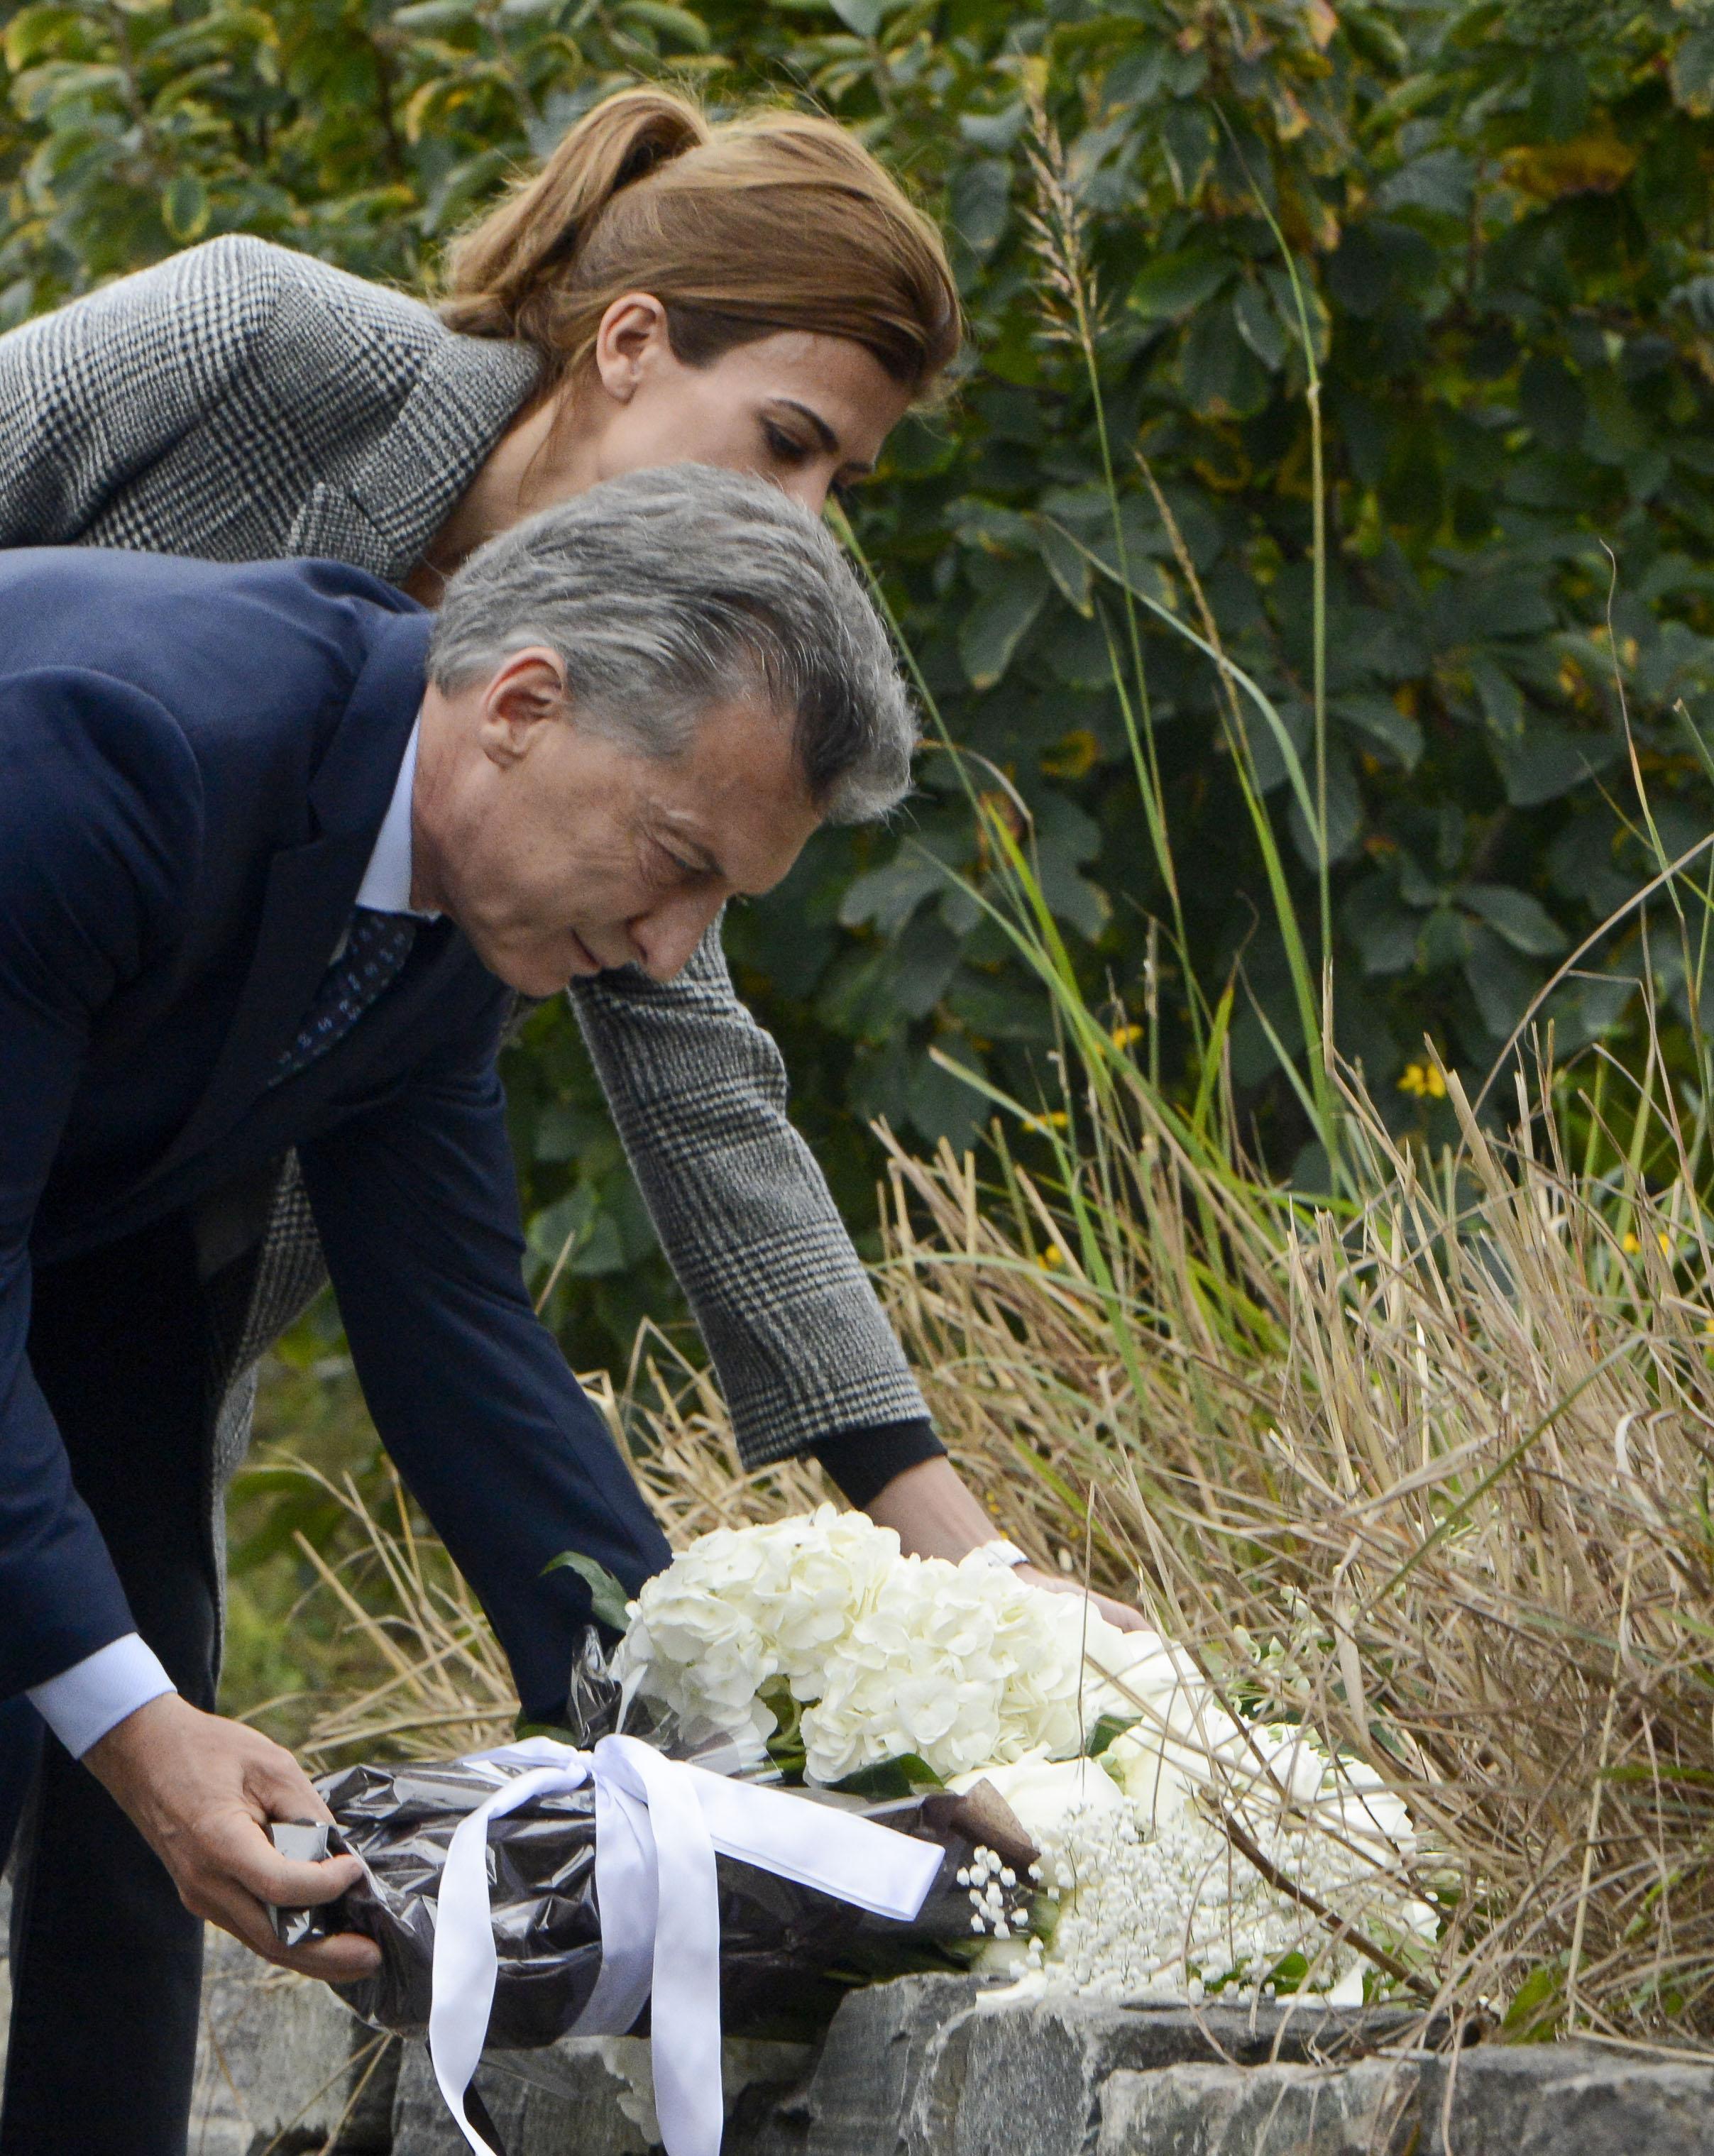 El presidente, Mauricio Macri, junto a la primera dama, Juliana Awada,colocan una ofrenda floral, en el lugar del atentado terrorista (Télam)